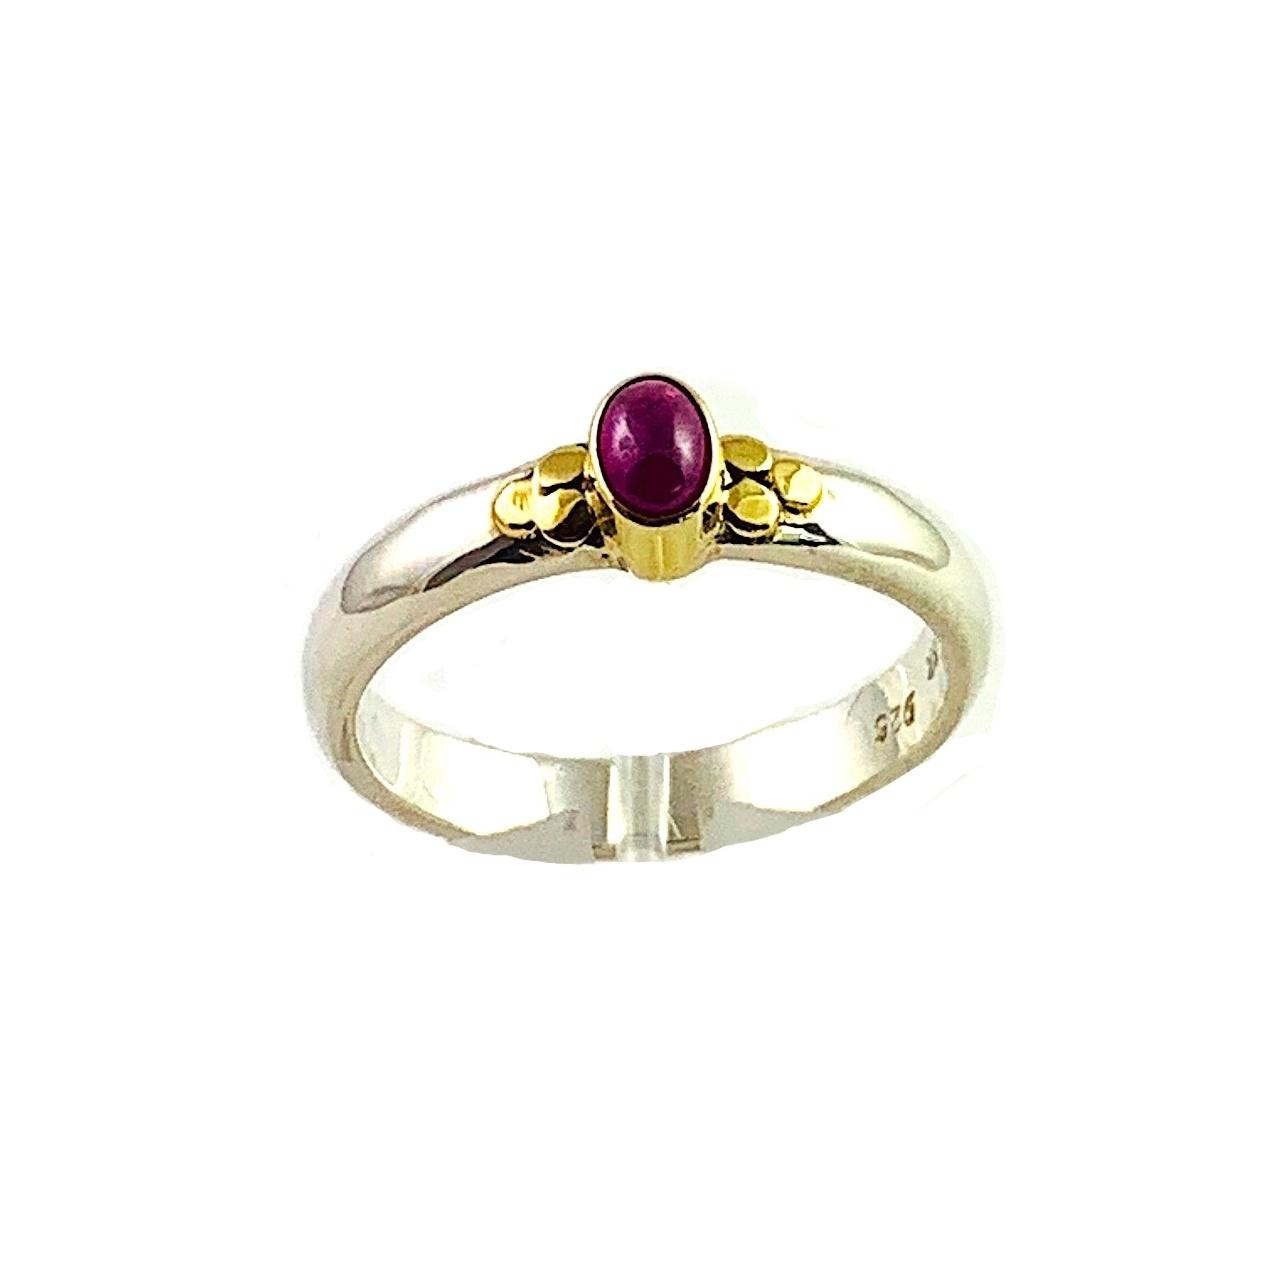 Kiliaan Jewelry Collectie Ring robijn